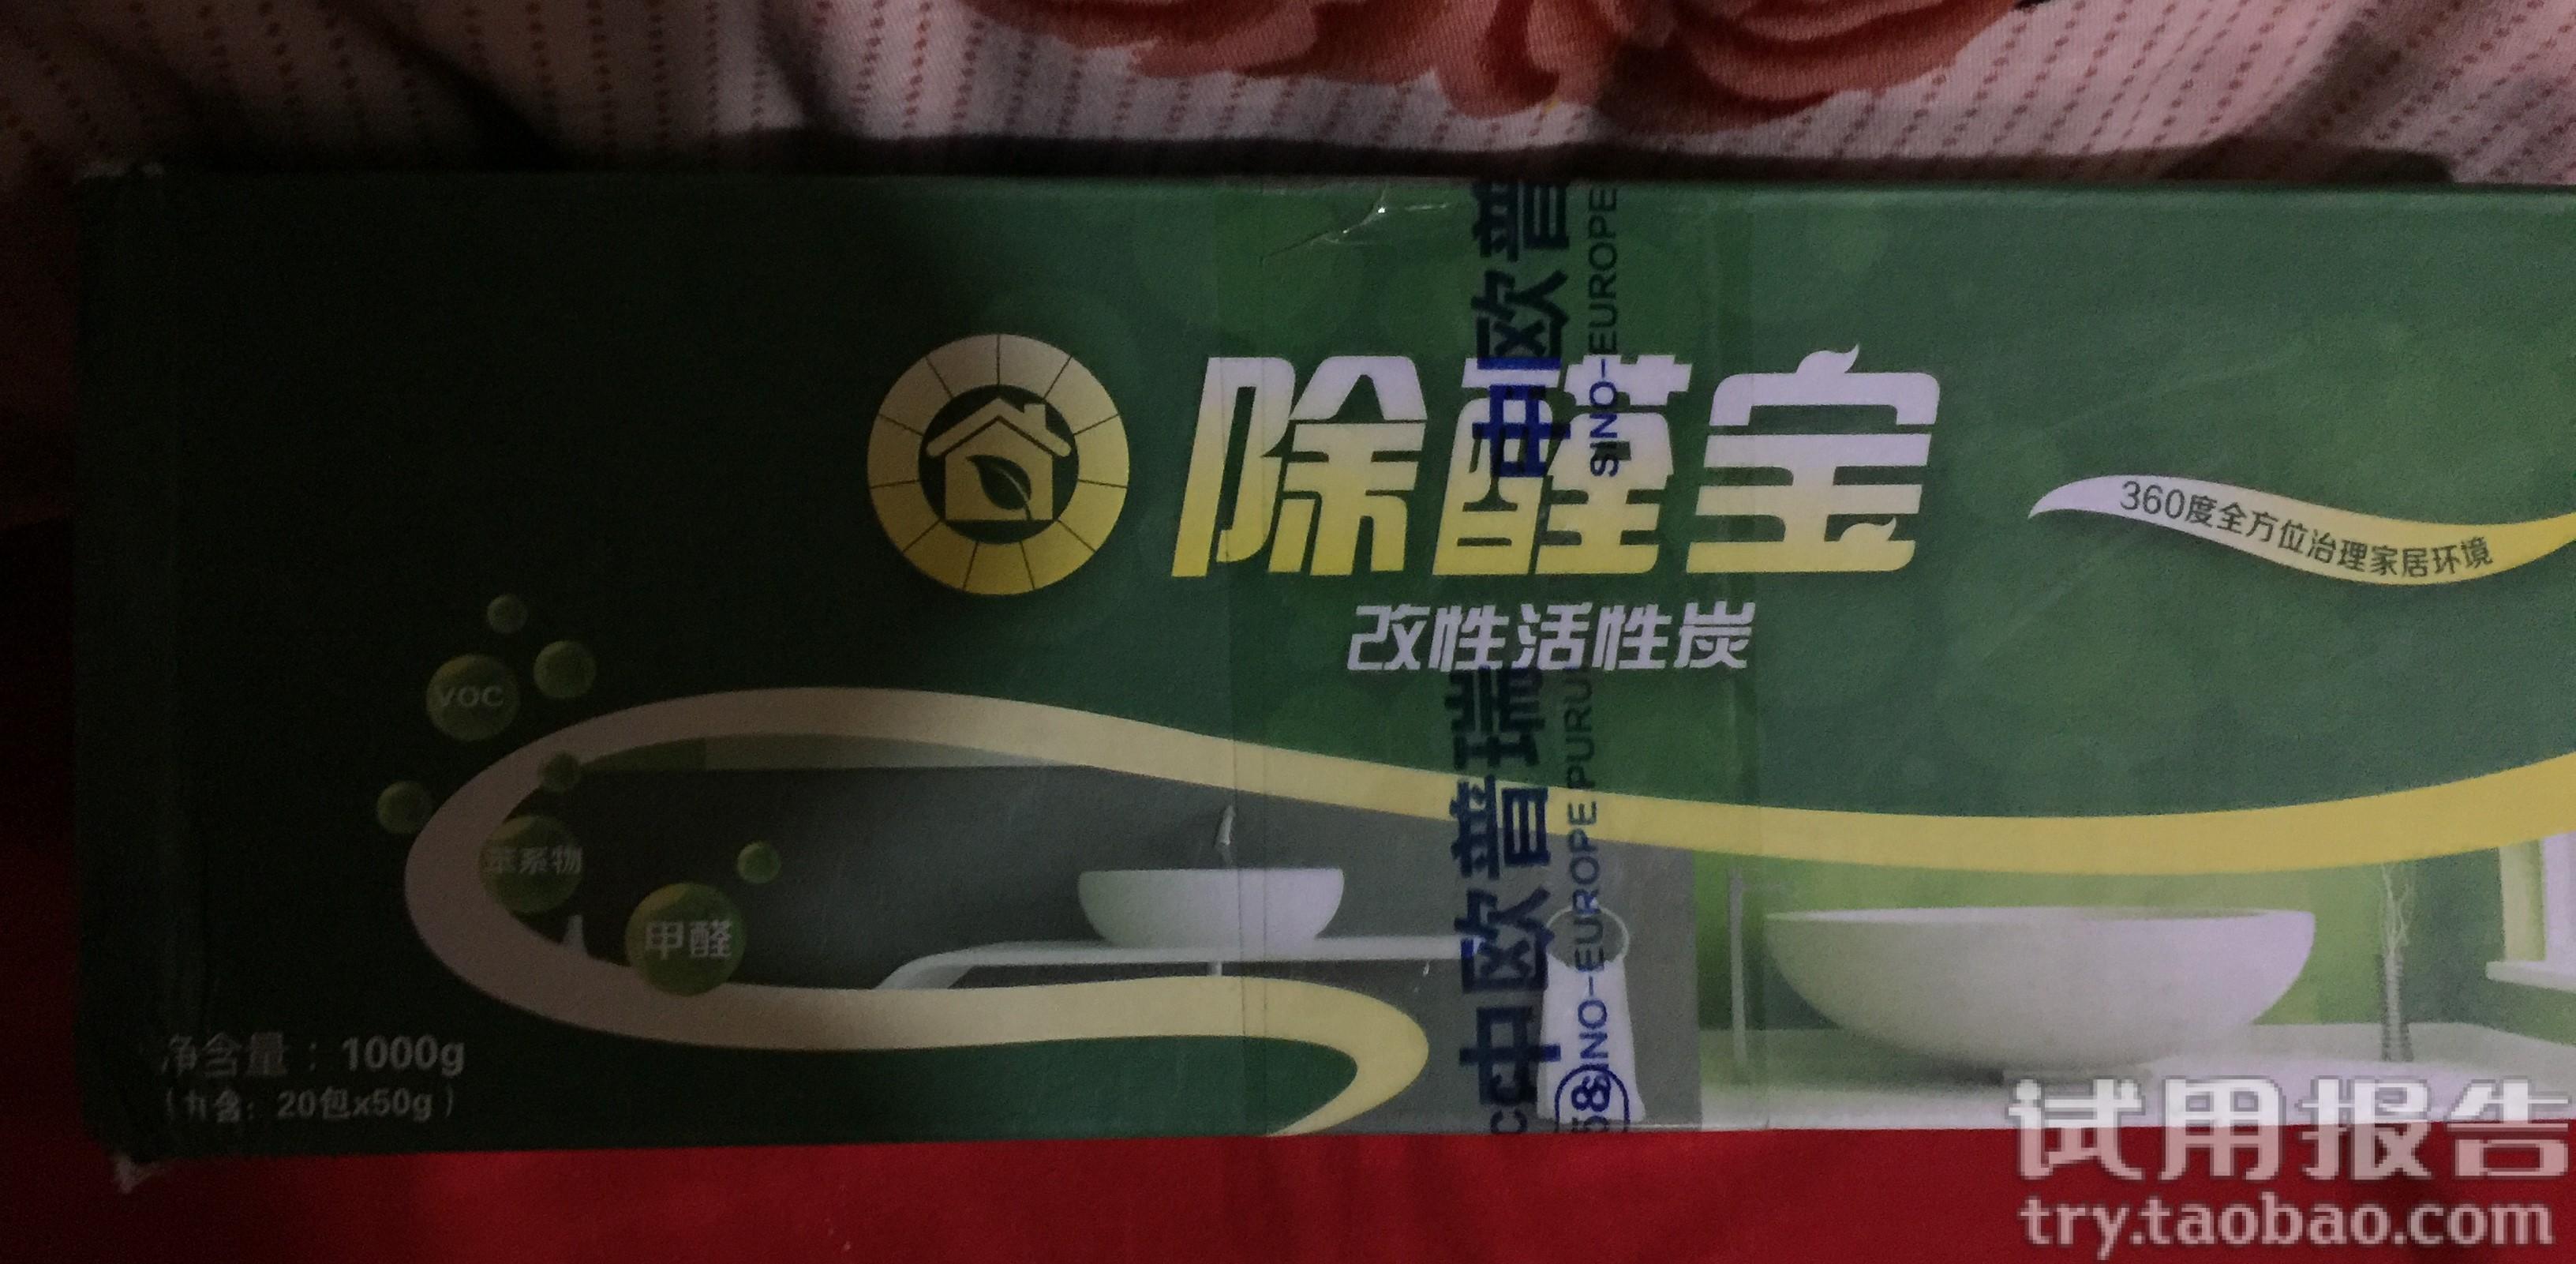 用绿之源甲醛强力清除剂除甲醛两天后测甲醛为0了